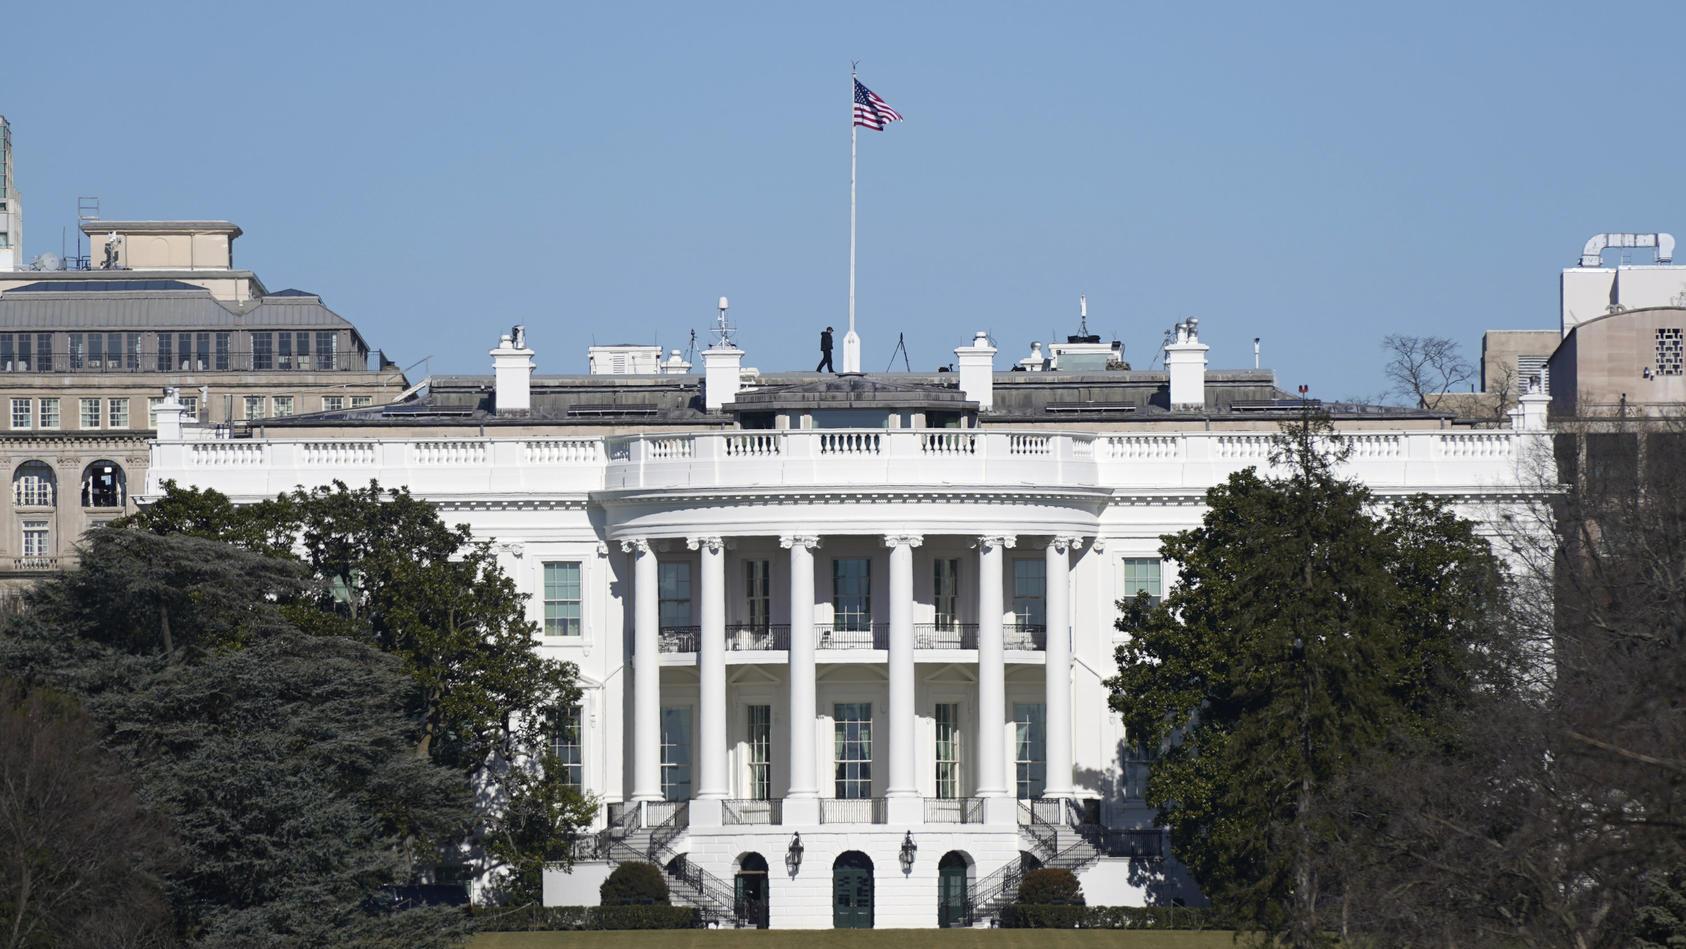 Donald Trump raus, Joe Biden rein: So hektisch läuft der Umzug ins Weiße Haus